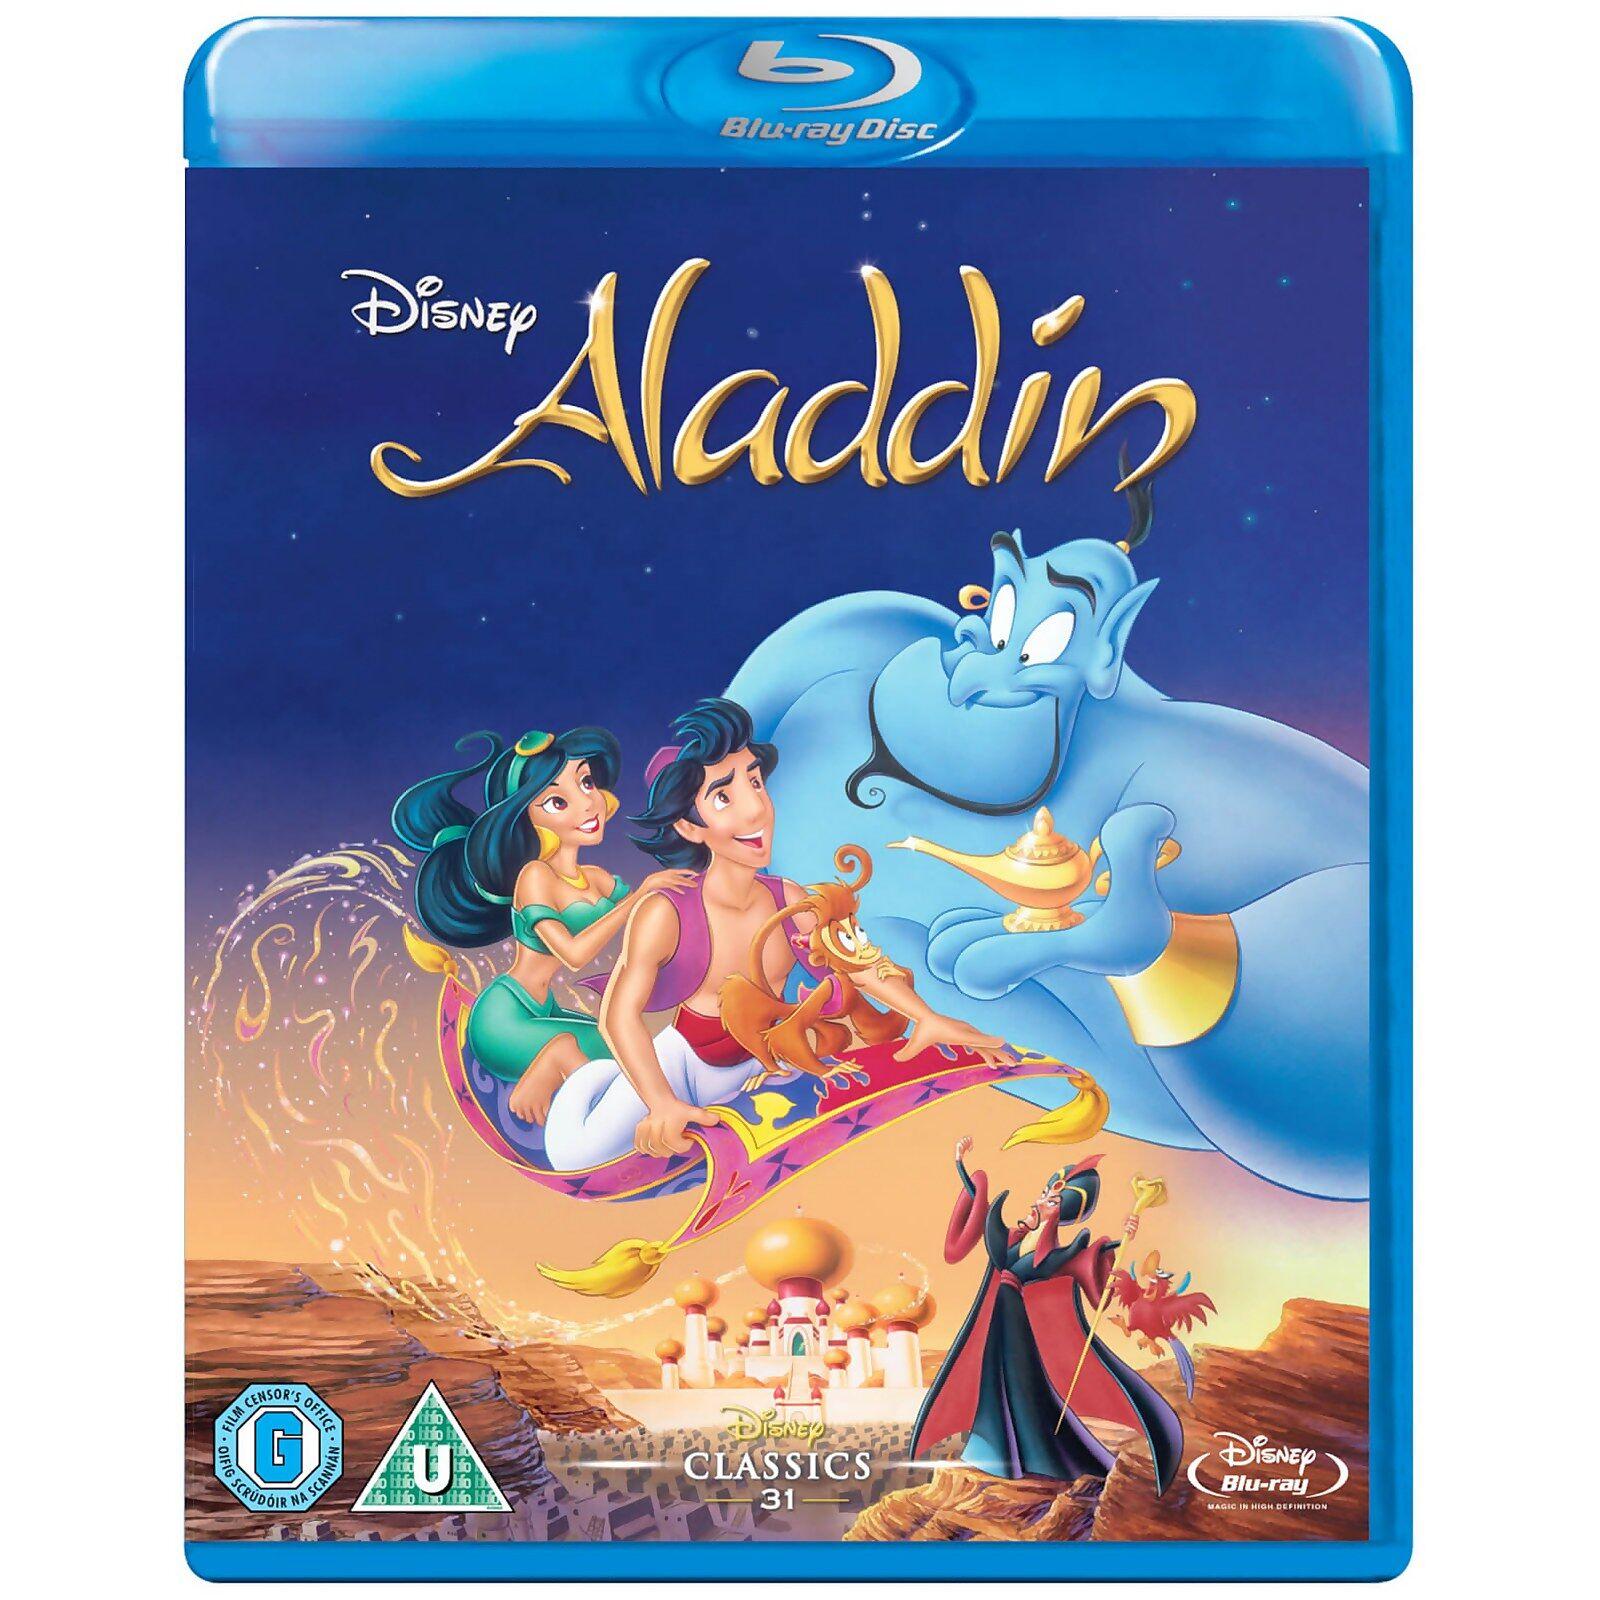 Aladdin Blu-ray DVD